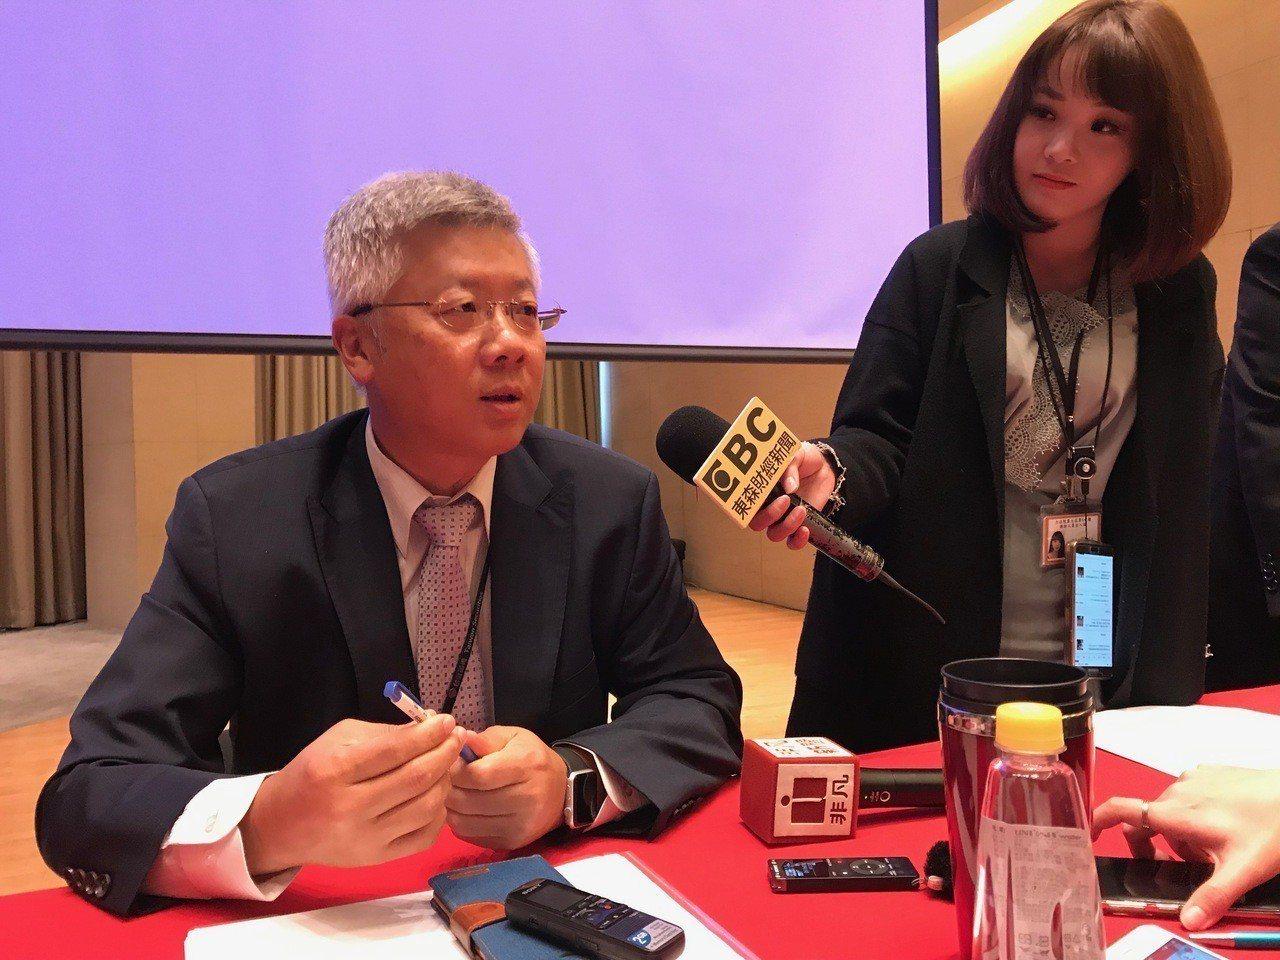 台新金(2887)今(11)日舉行法說,總經理林維俊表示如果政府希望台新金退出,...